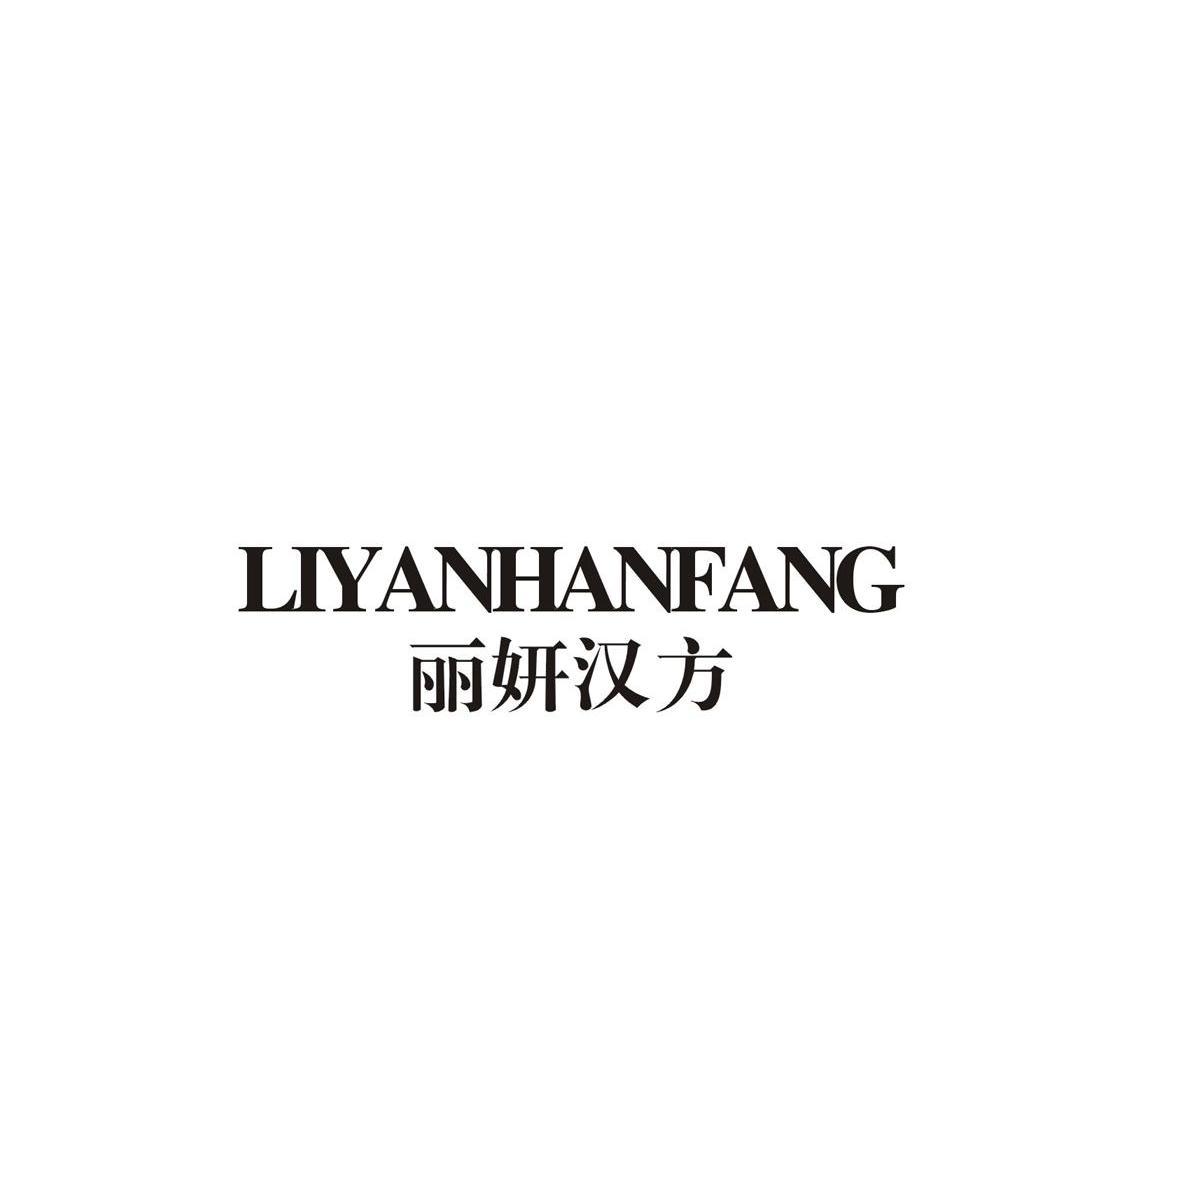 丽妍汉方LIYANHANFANG